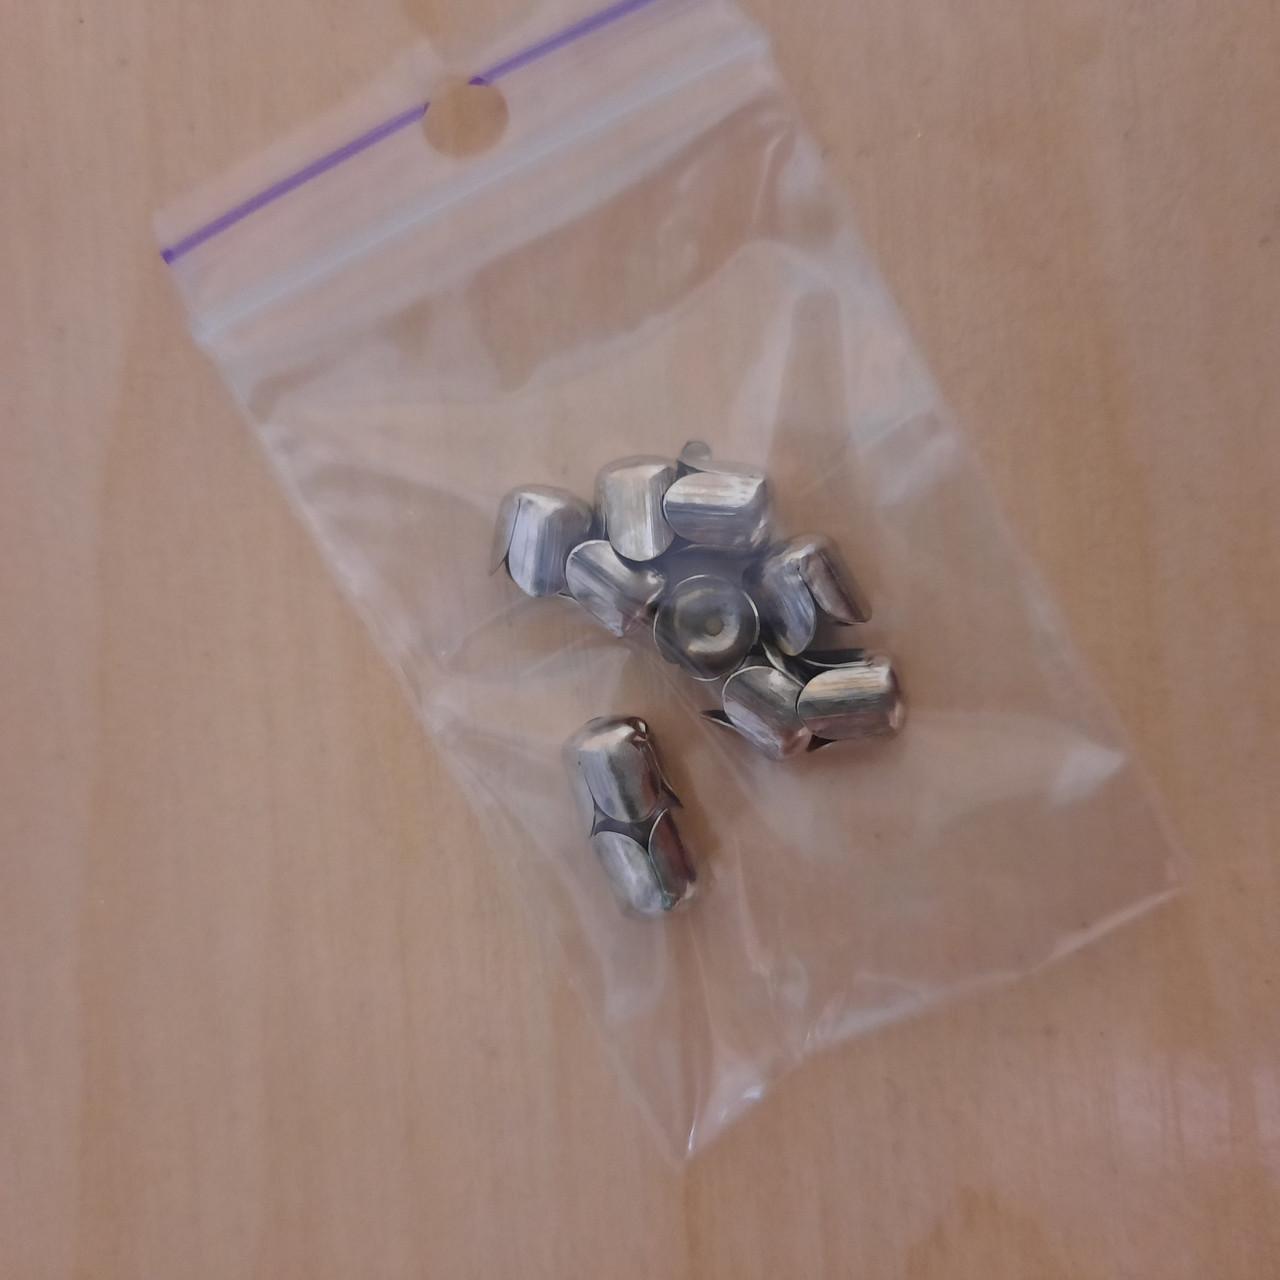 Концевики темное серебро для бус и стразового шнура (с пайеткой) д 6 мм